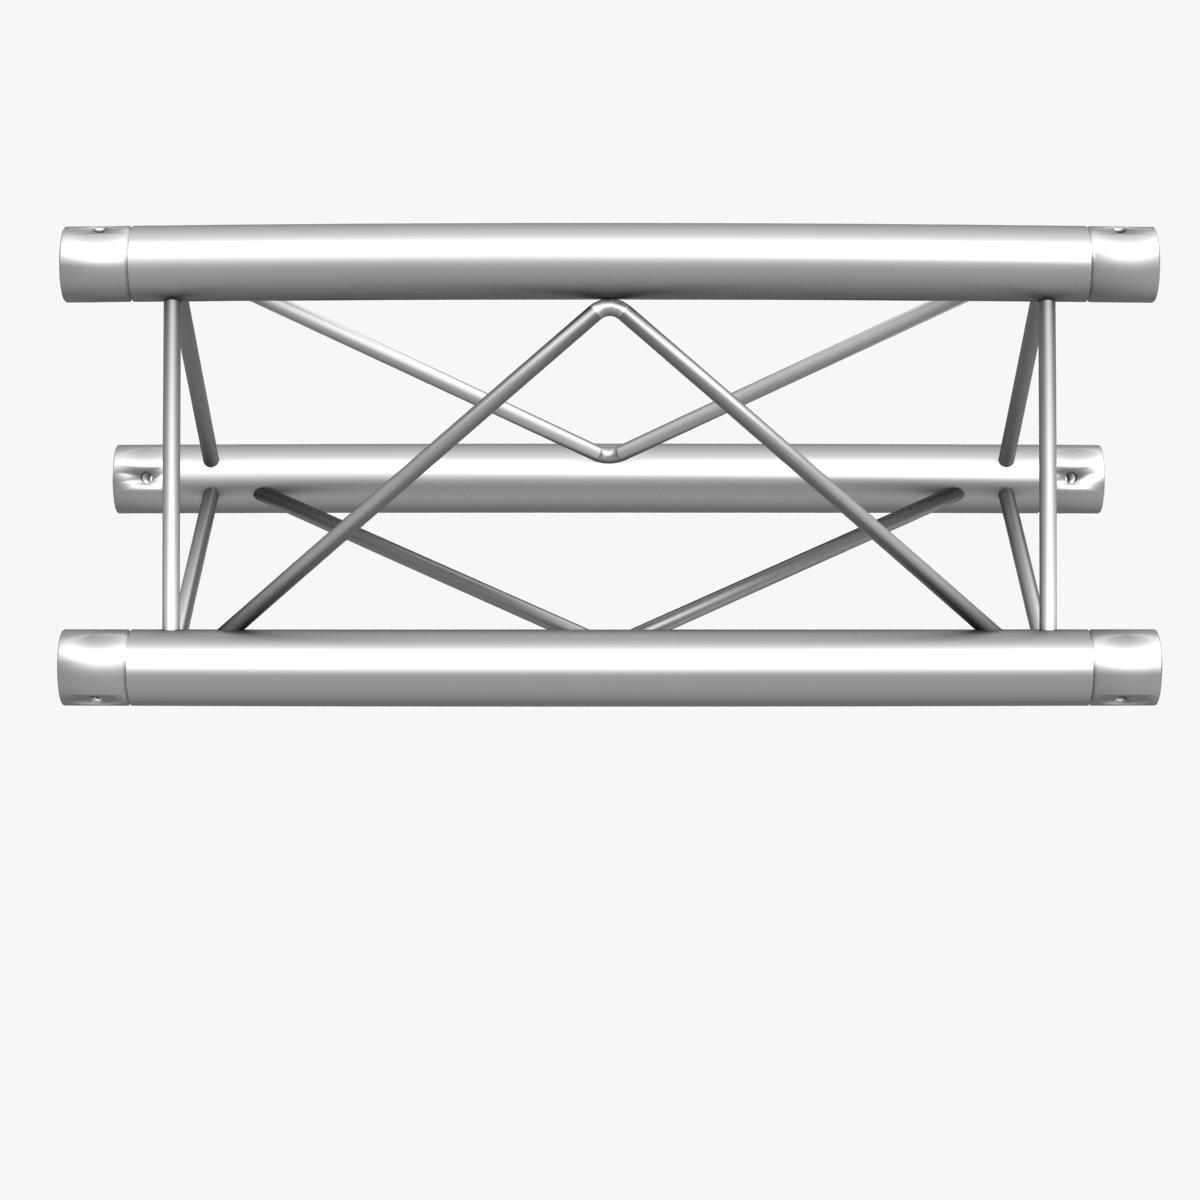 mini triangular truss straight segment 111 3d model 3ds max dxf fbx c4d  obj other 268877